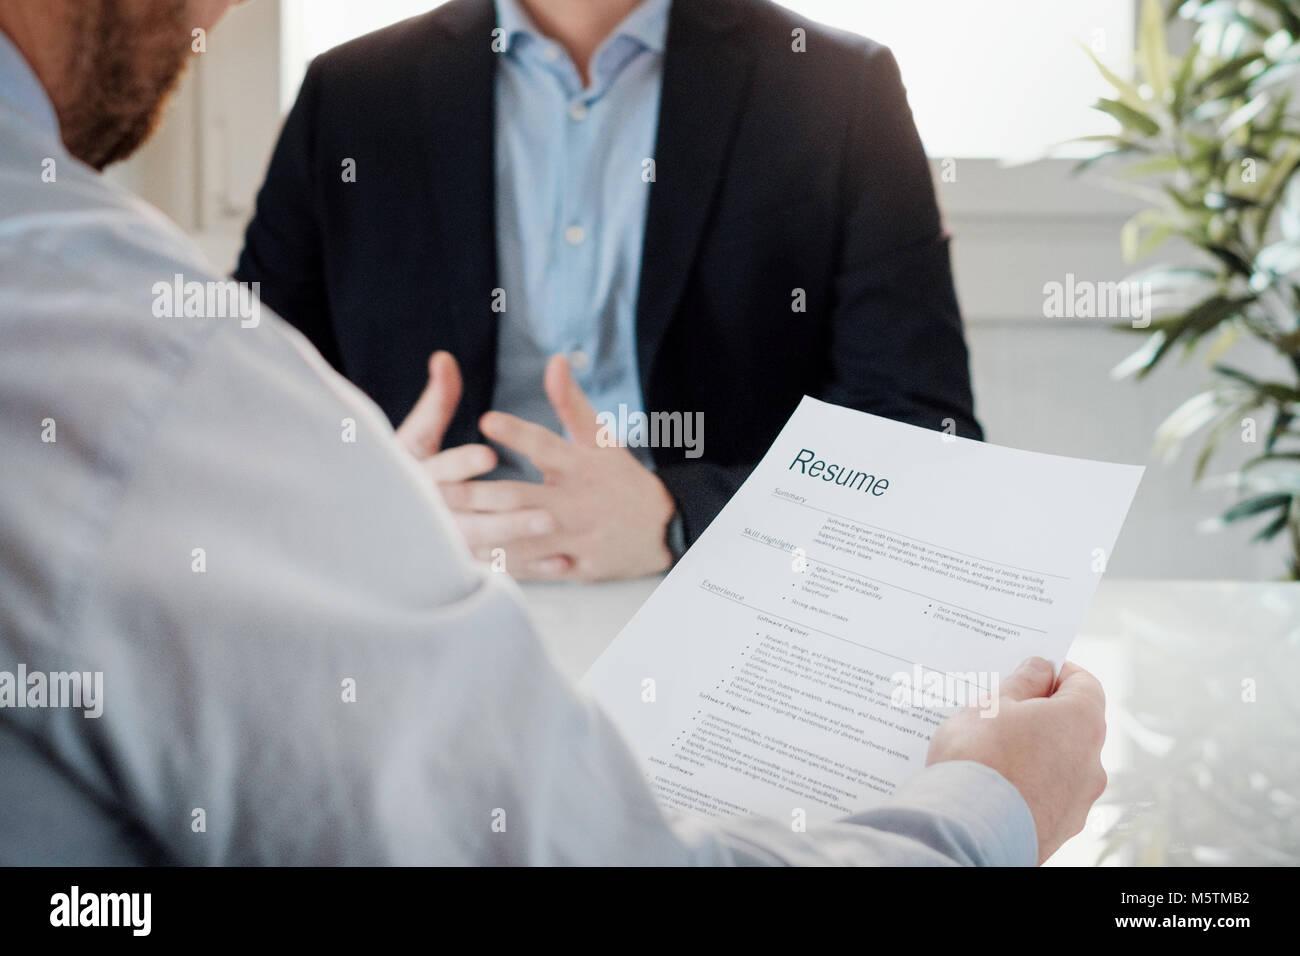 Il personale addetto alle selezioni la lettura di un curriculum di un candidato per un lavoro Immagini Stock